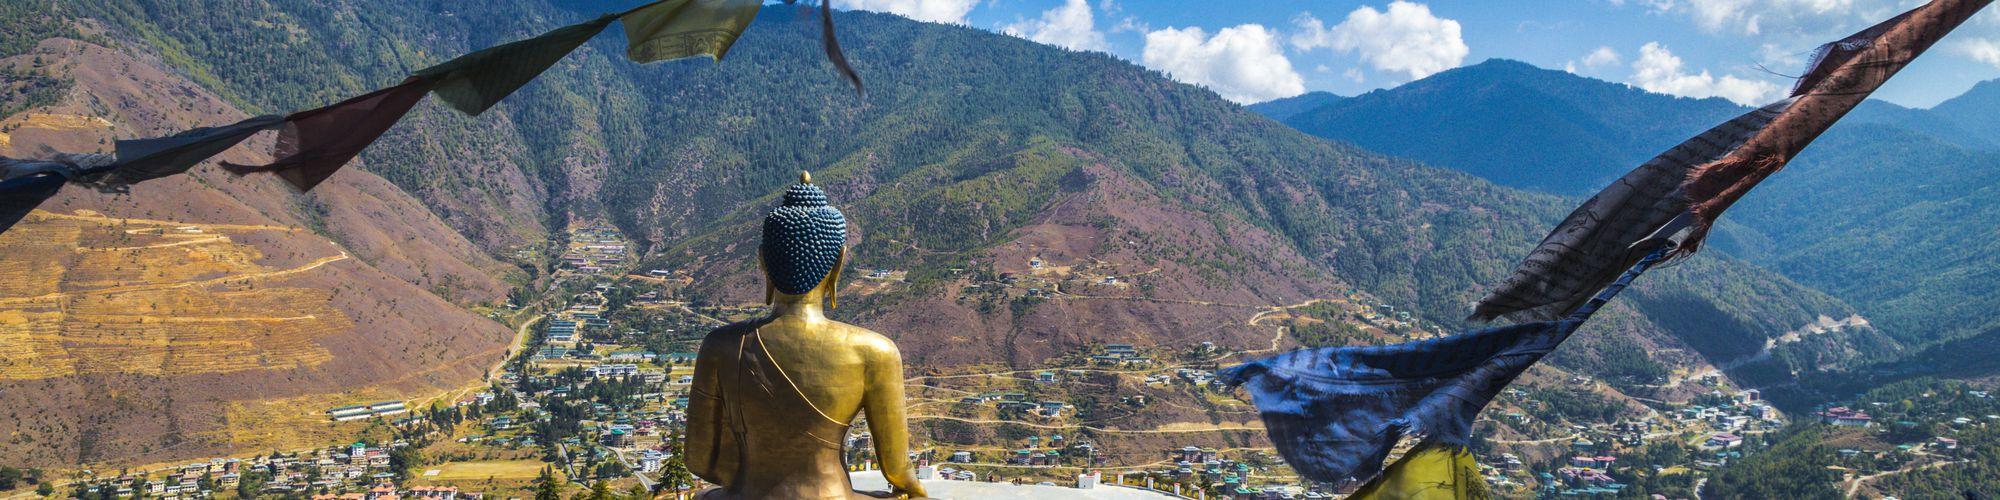 Festivales de Bután - El Pais Viajes